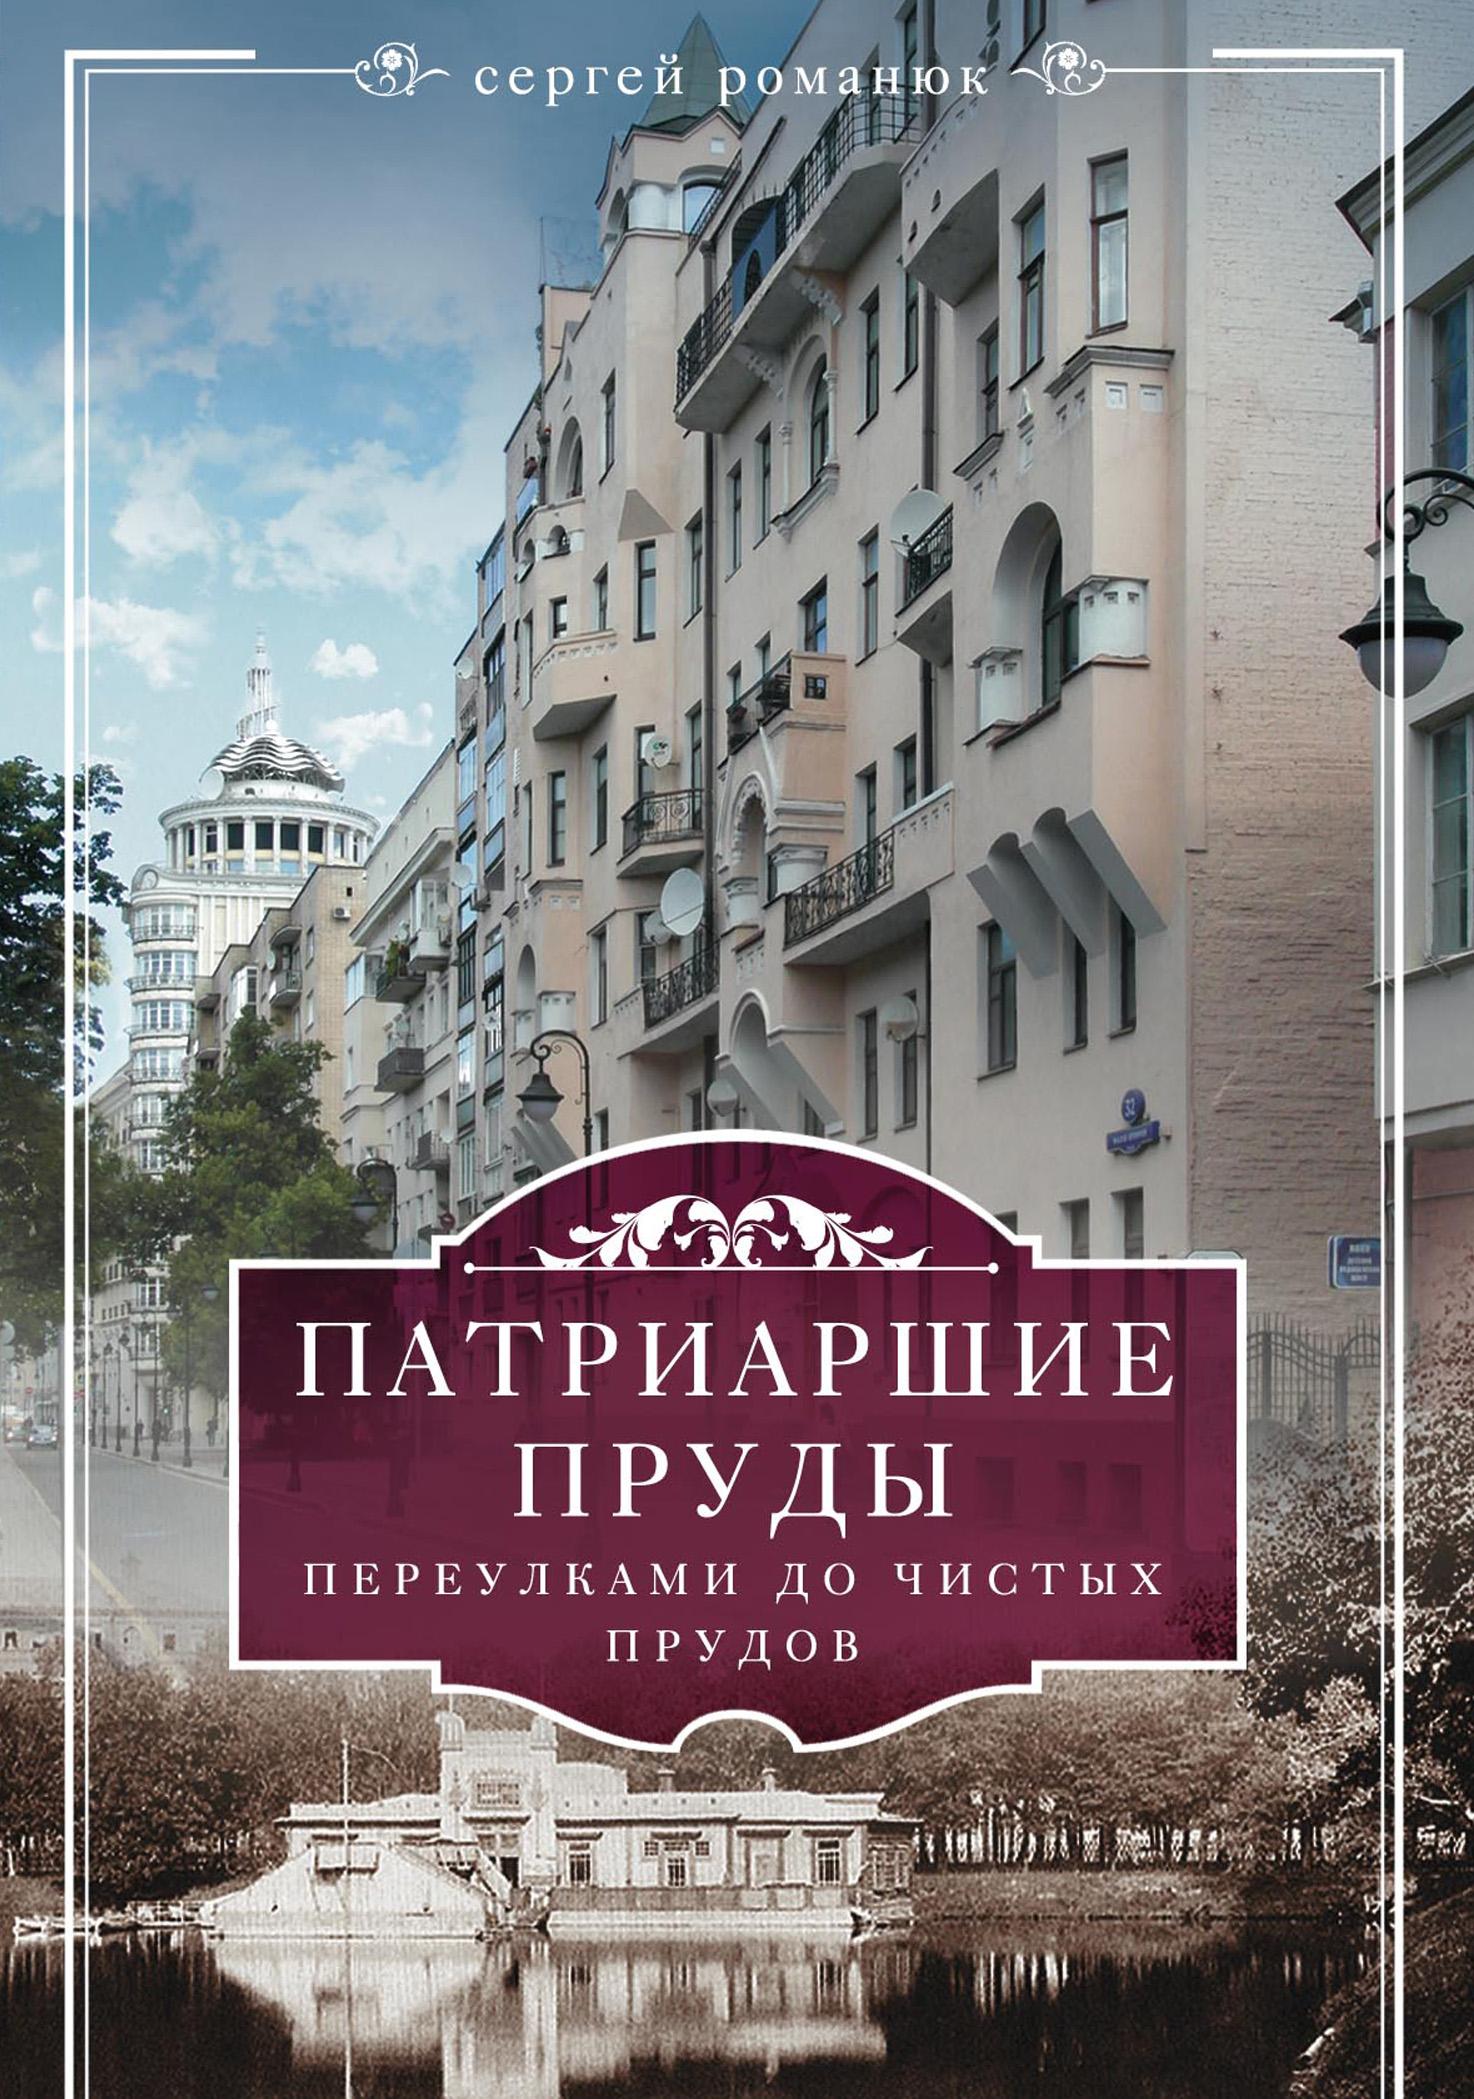 Сергей Романюк Патриаршие пруды. Переулками до Чистых прудов